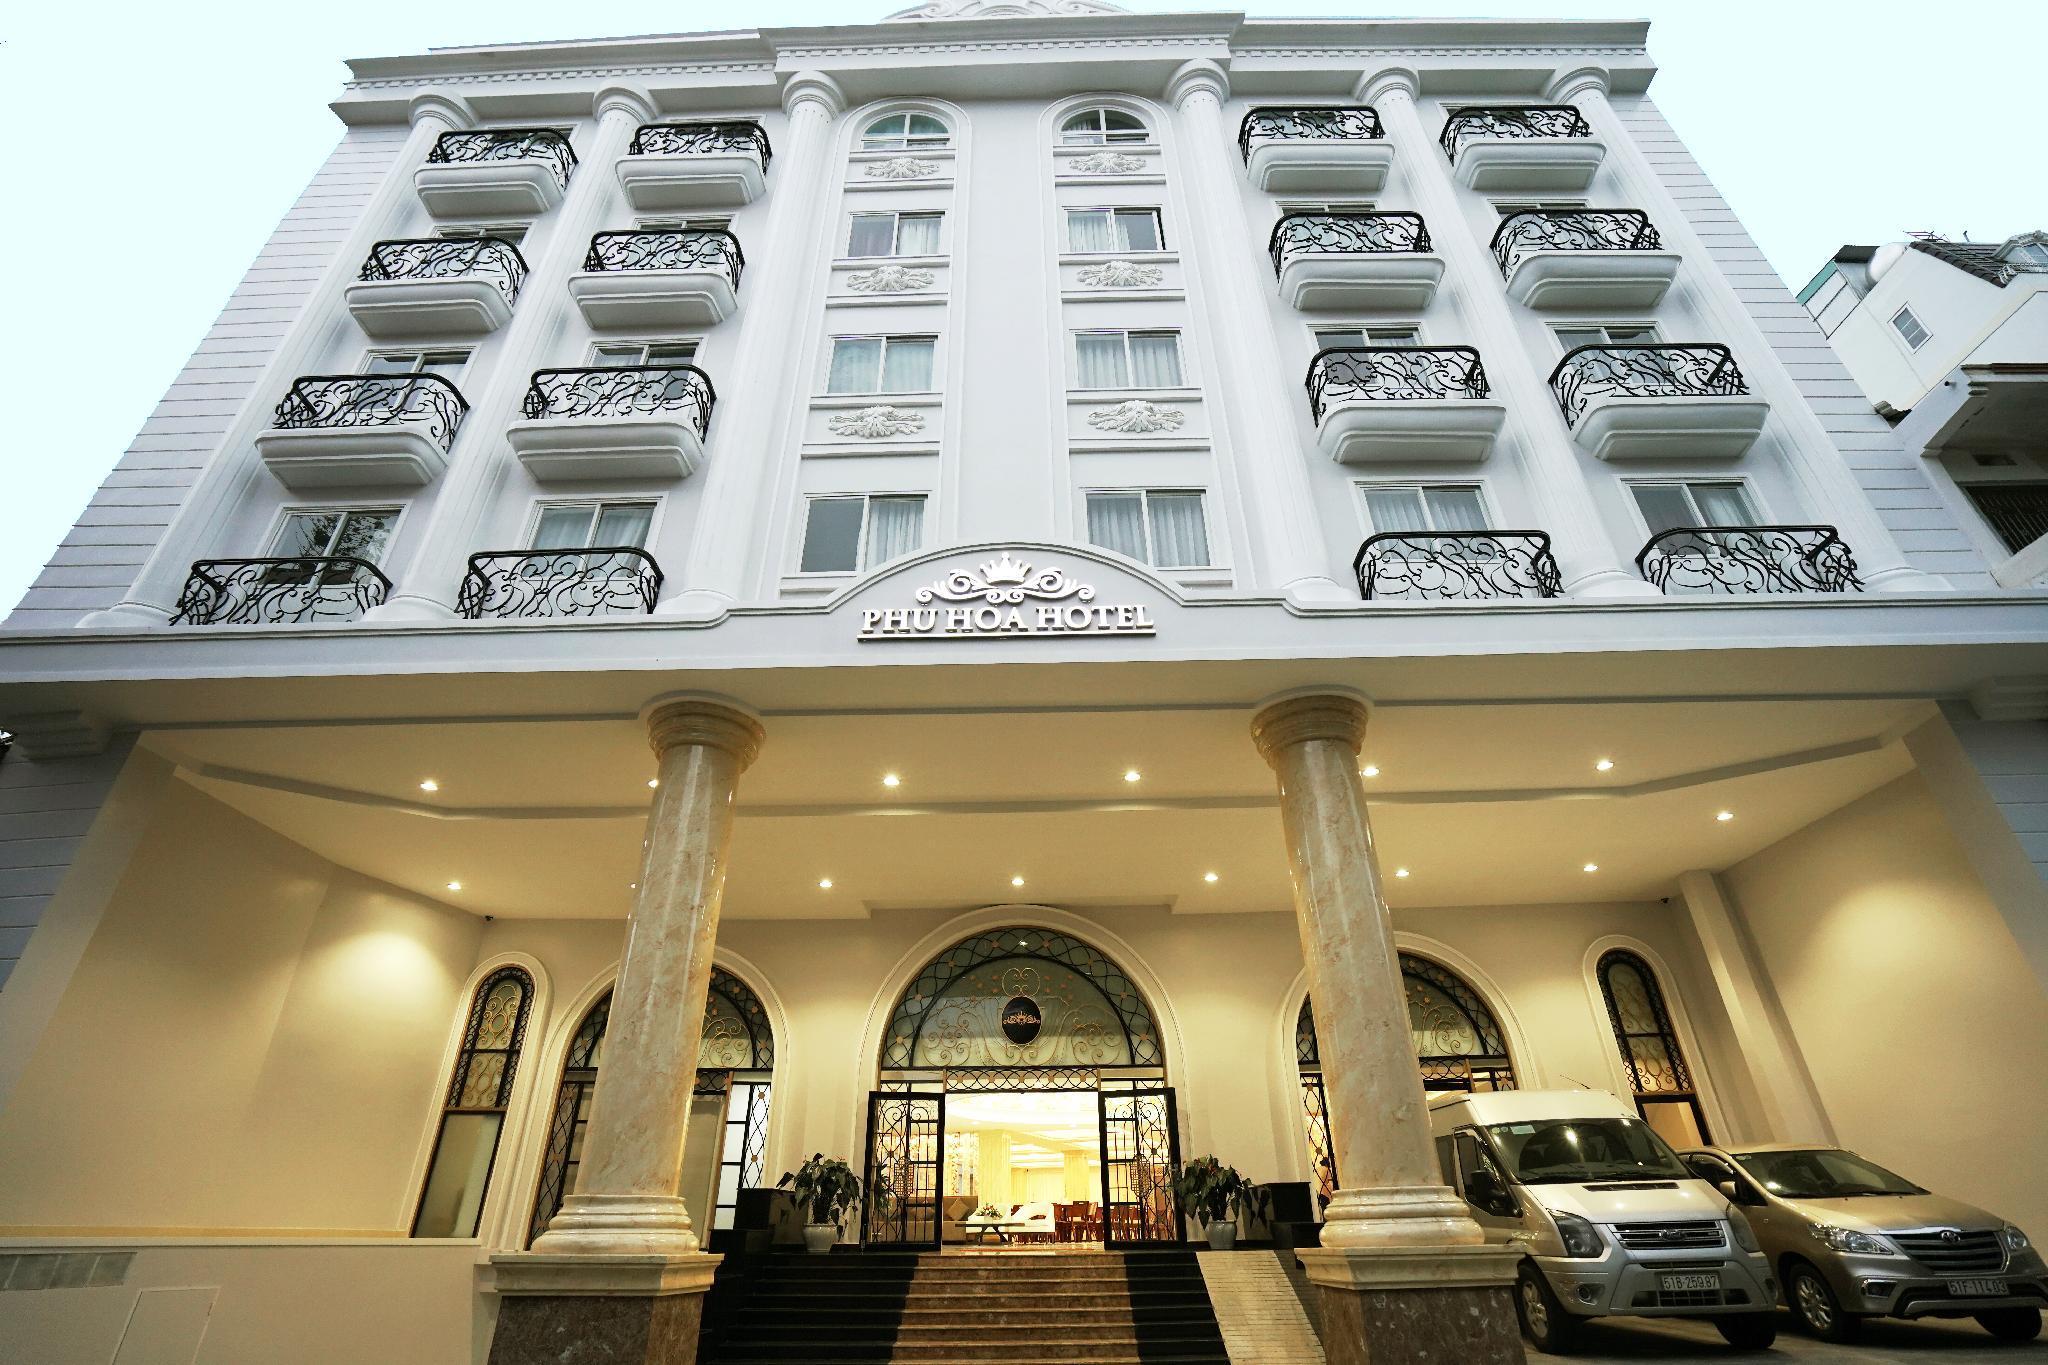 Phu Hoa Hotel